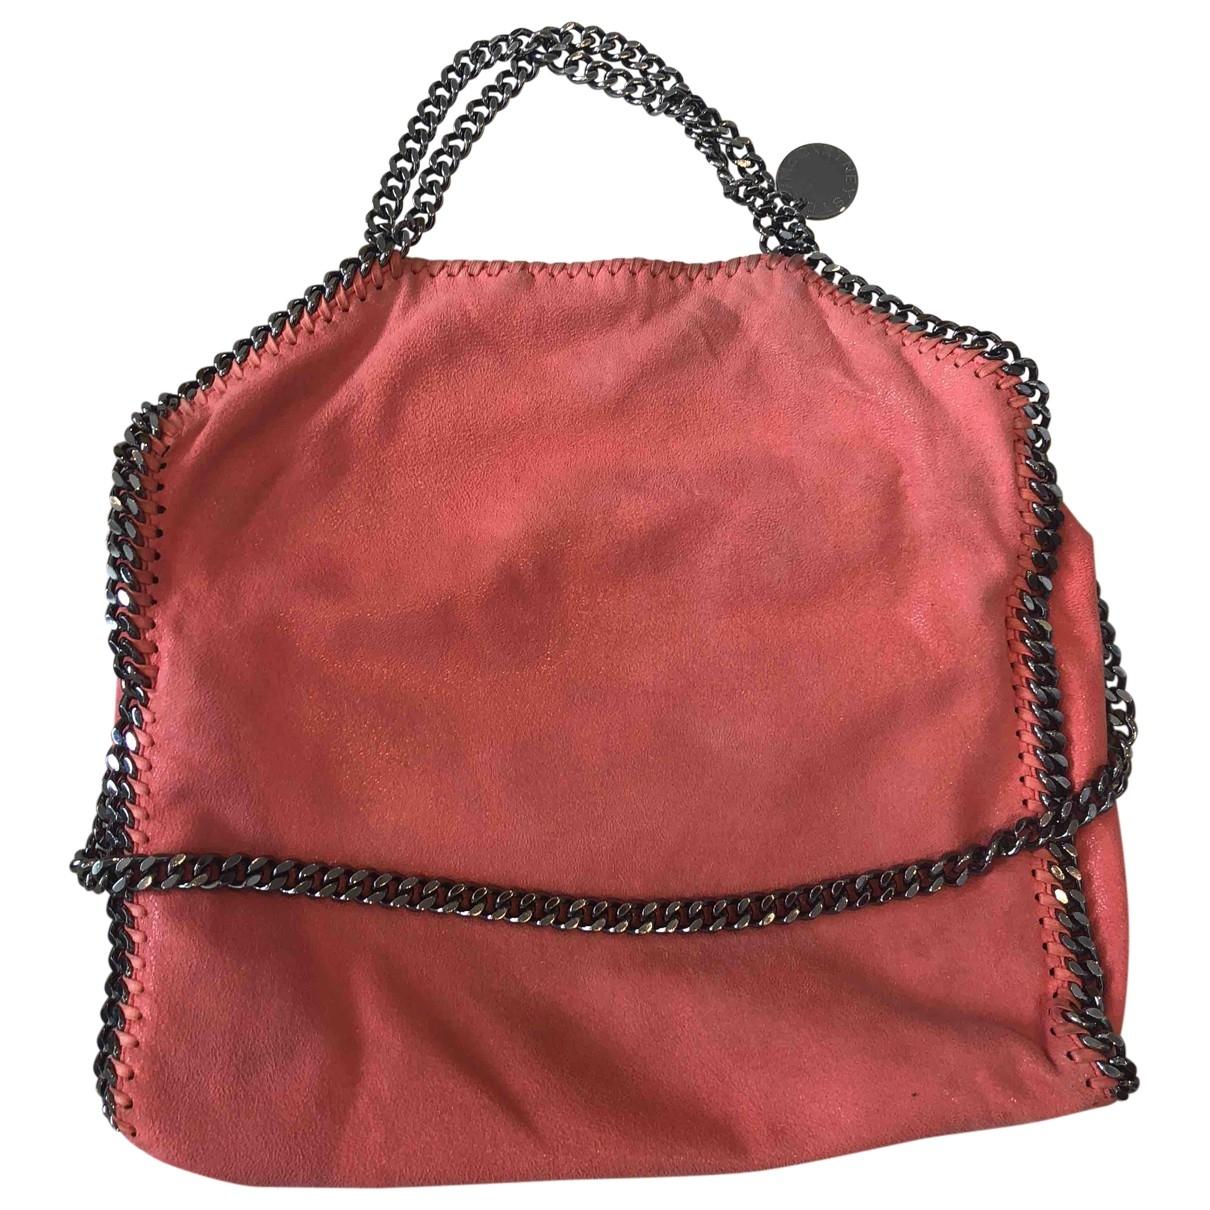 Stella Mccartney Falabella handbag for Women \N